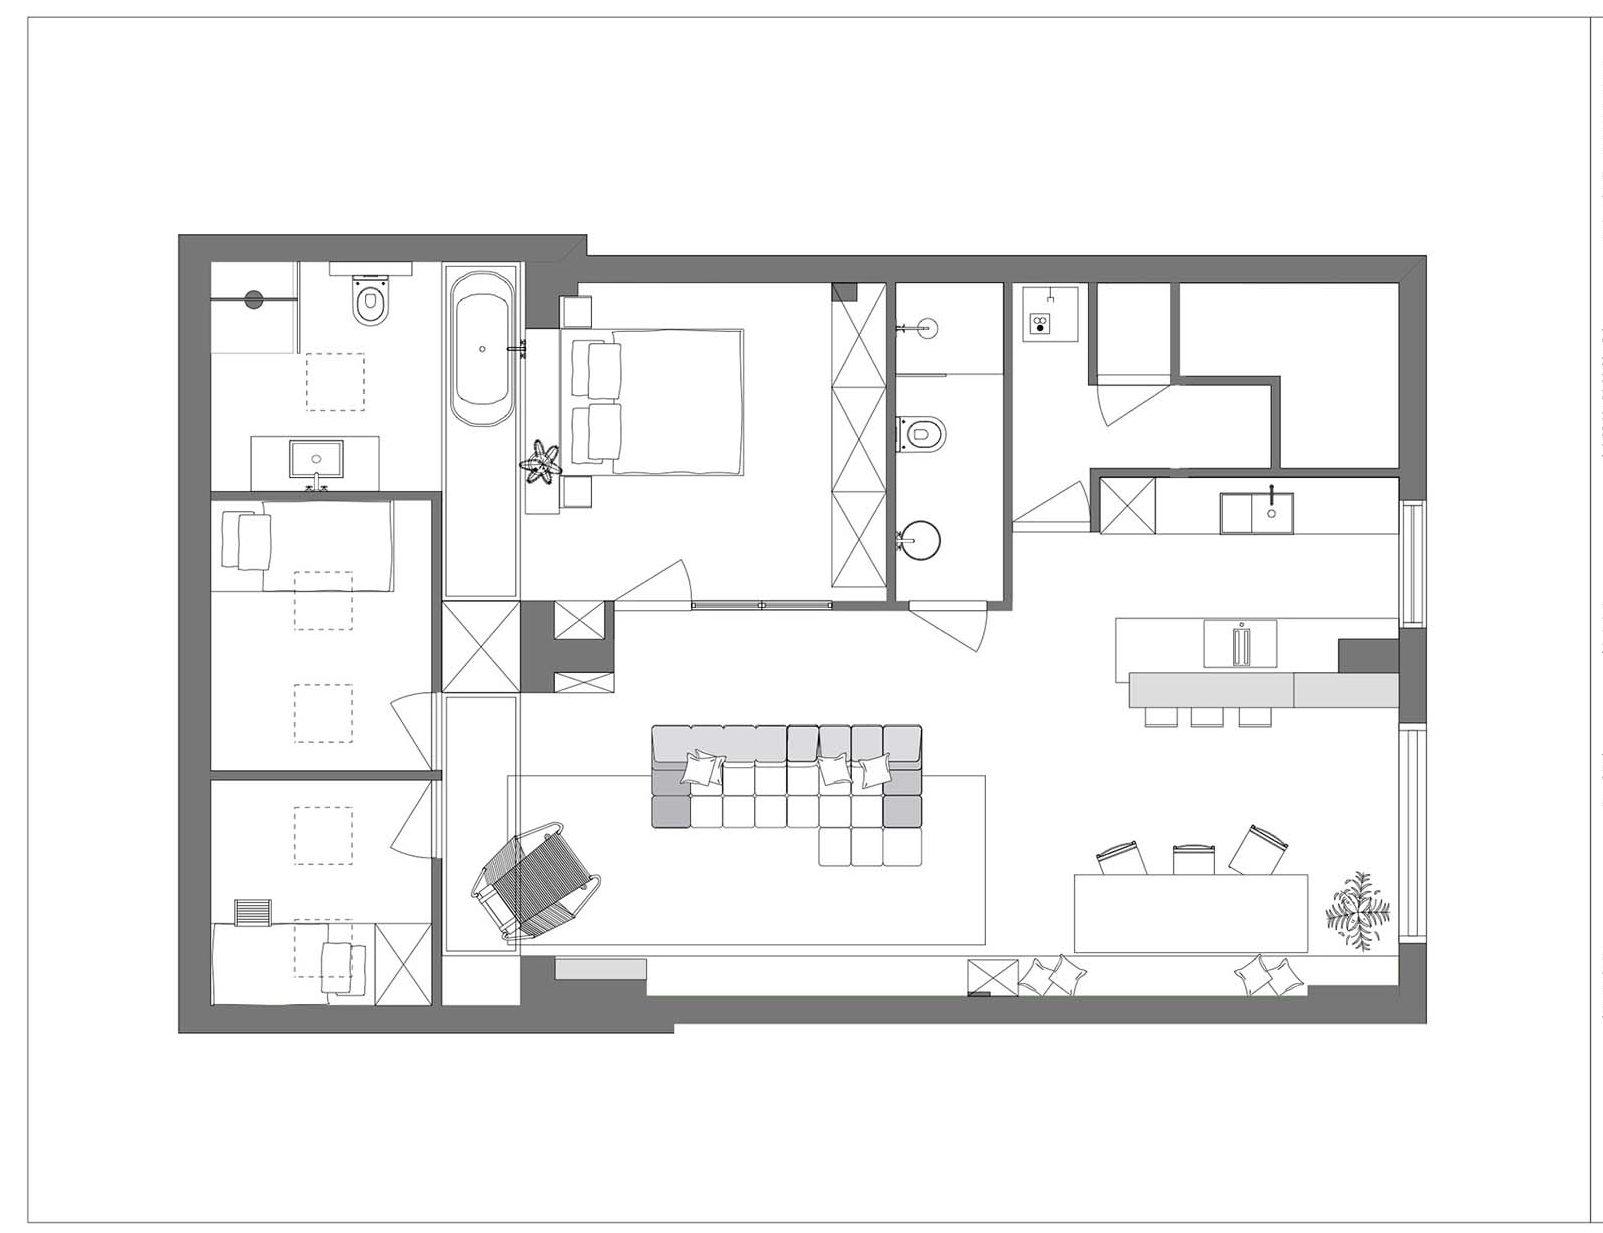 barde-van-voltt-garage-transformation-amsterdam_dezeen_8jpg